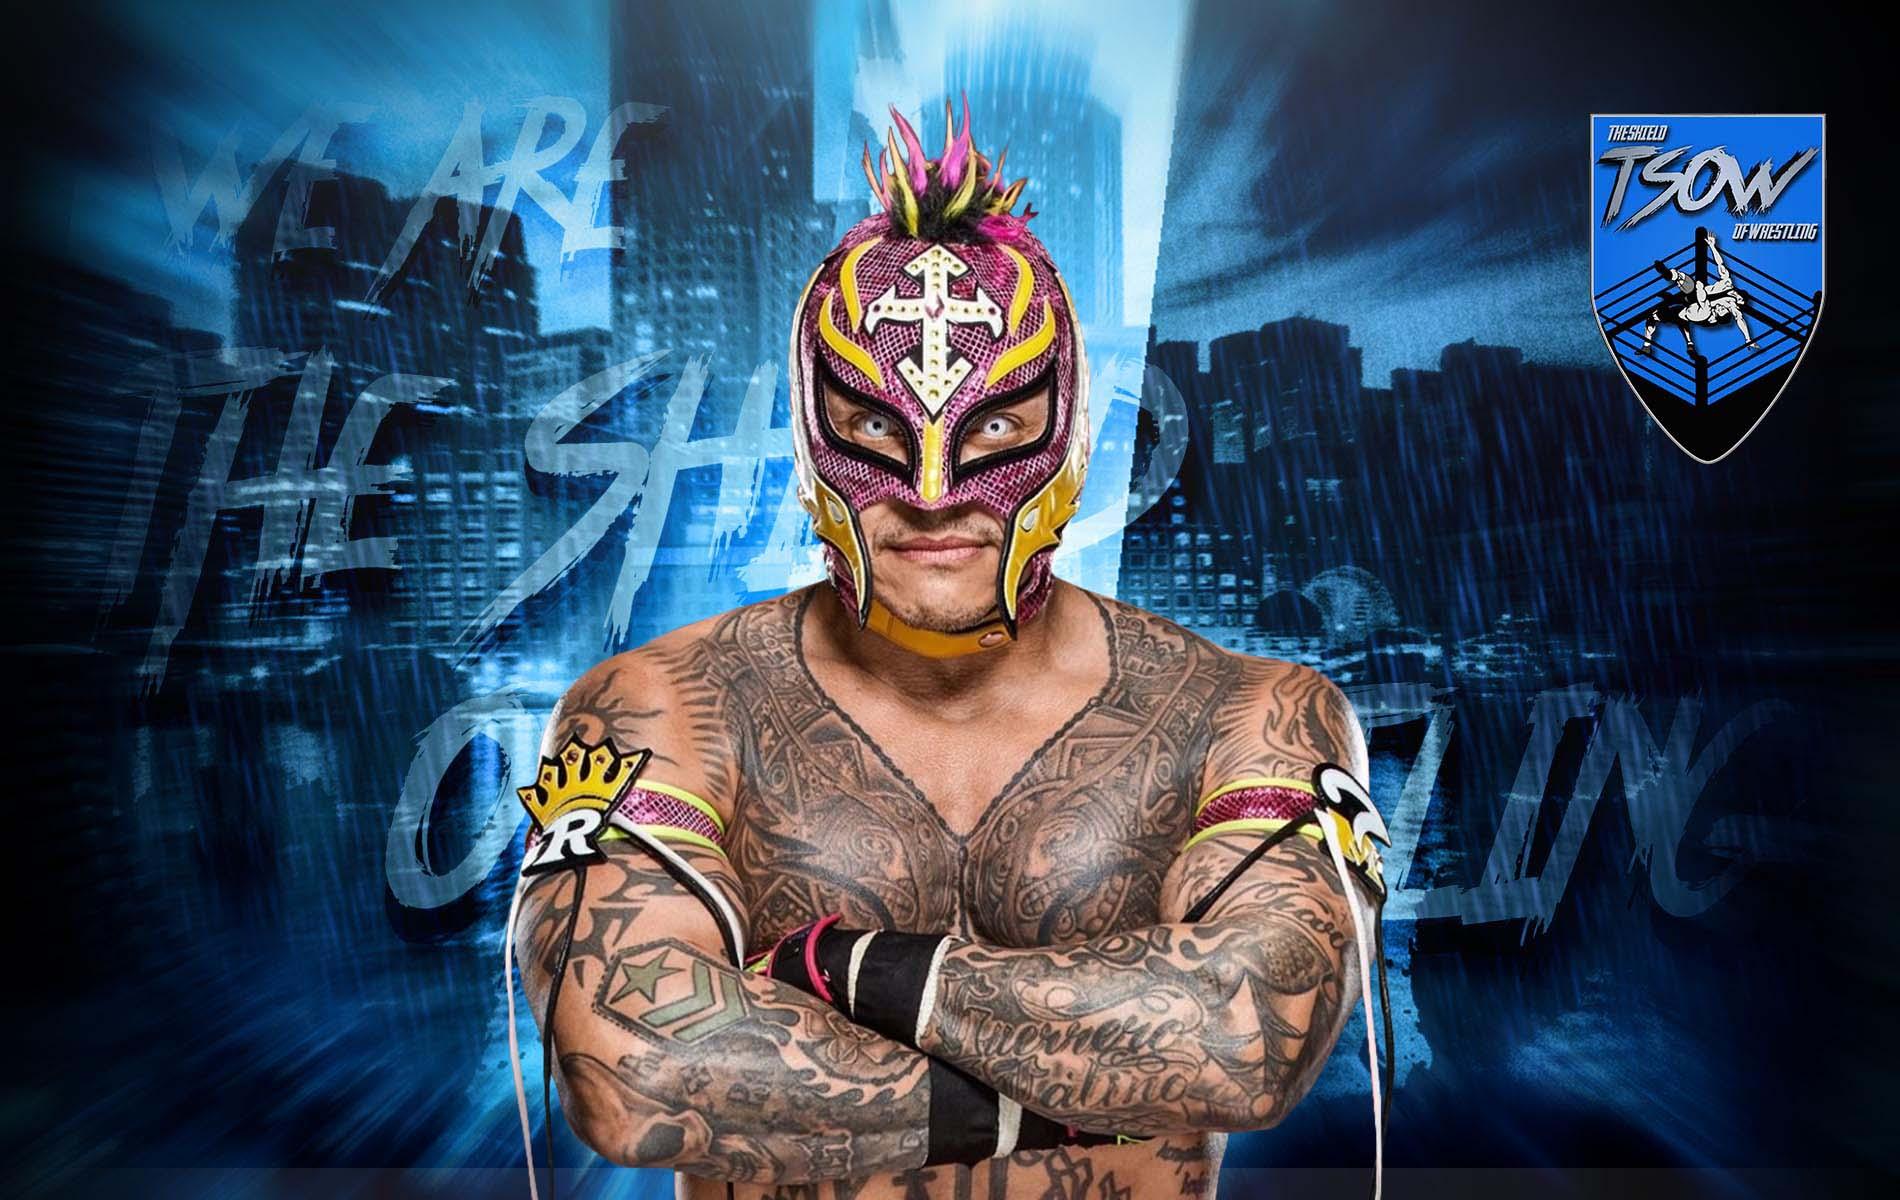 Rey Mysterio vorrebbe diventare campione insieme al figlio